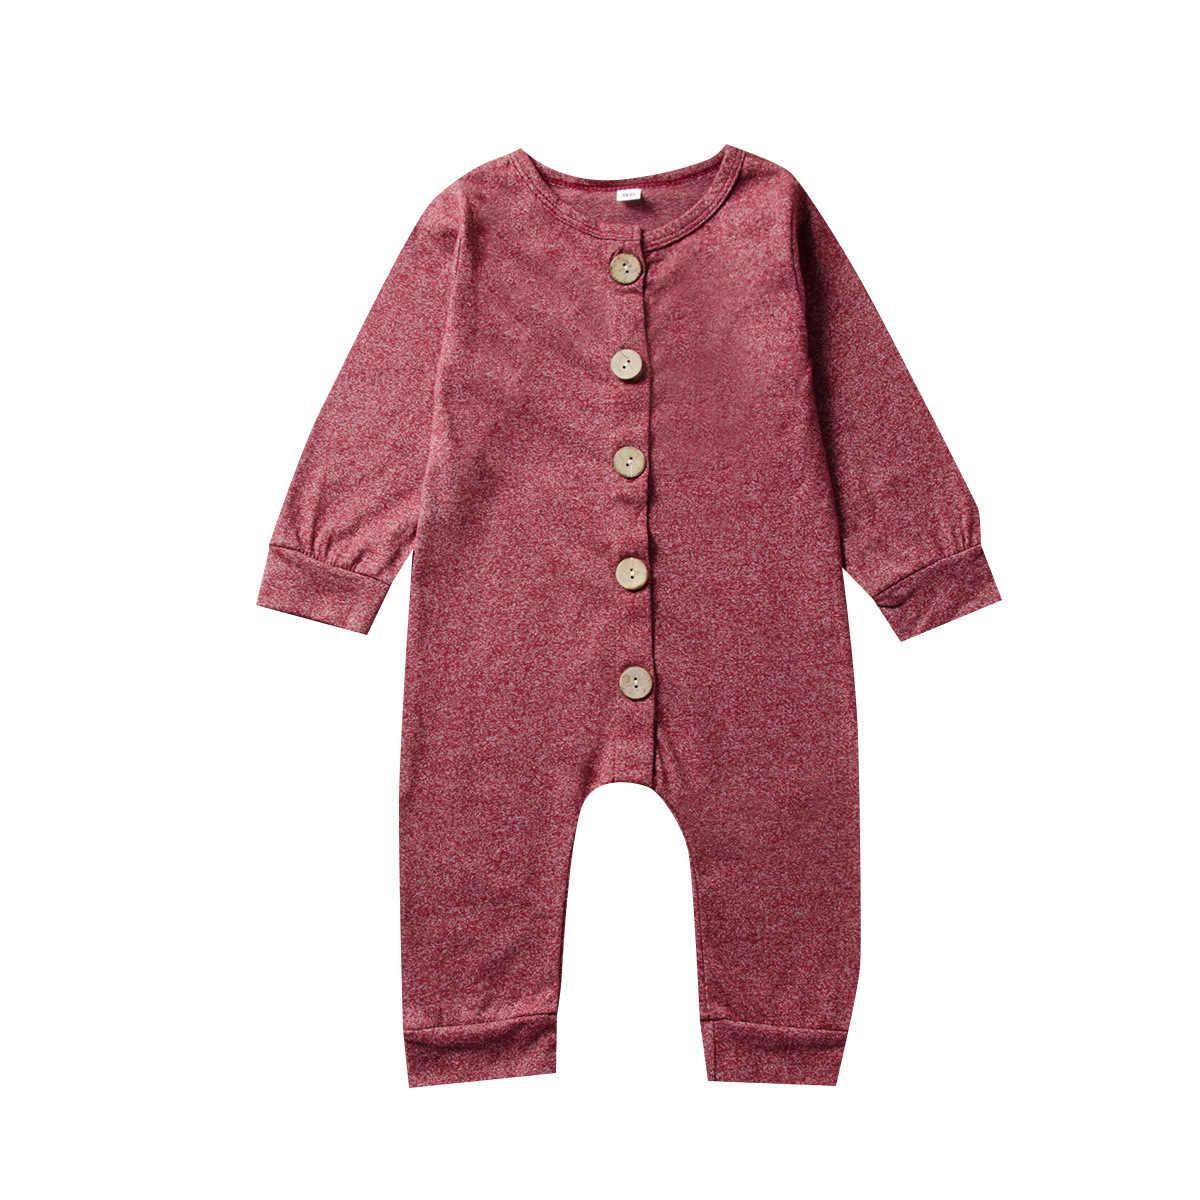 Детская одежда осенняя для малышей комбинезон с длинными рукавами цельнокроеный